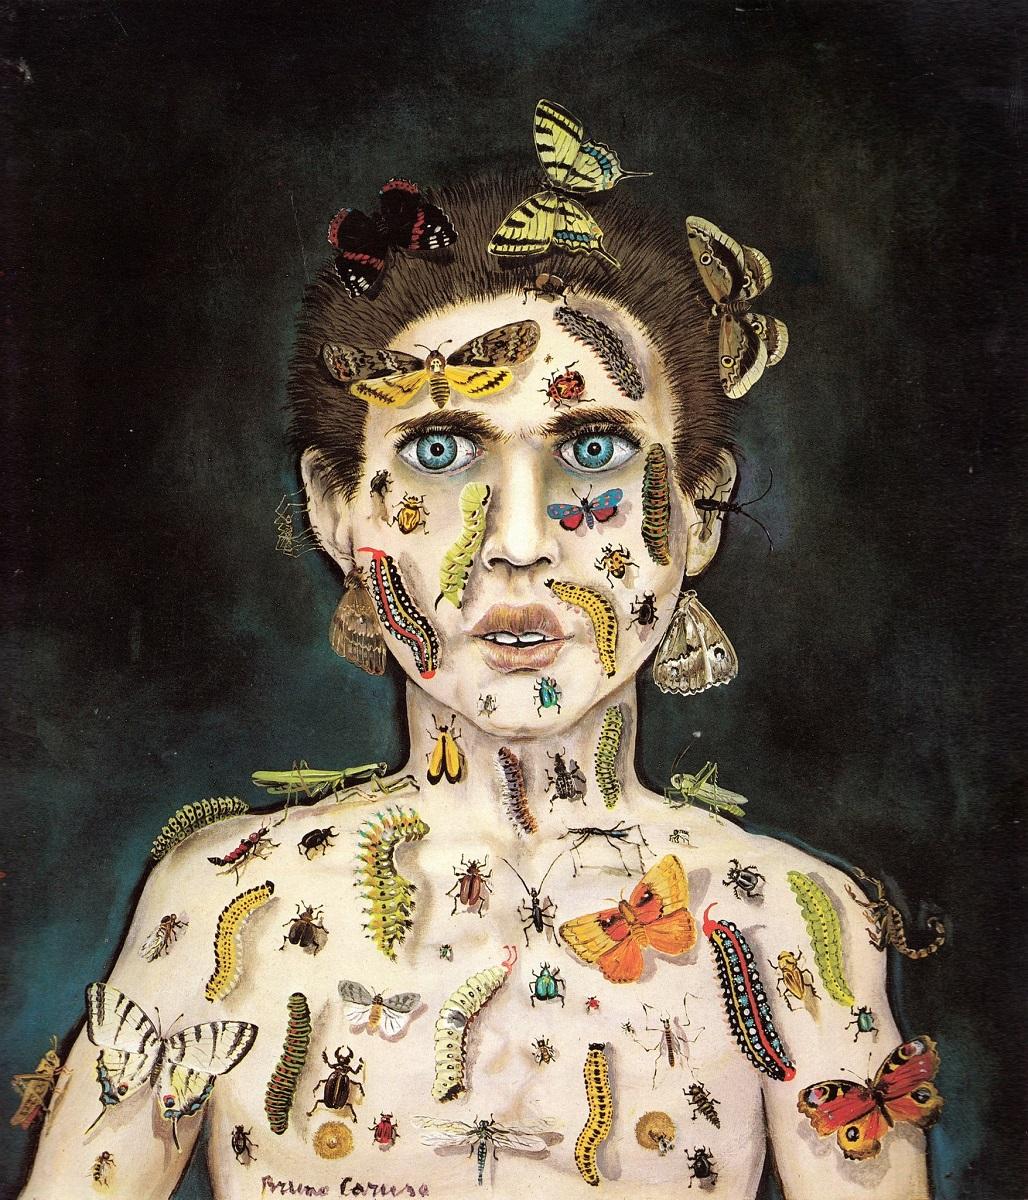 Bruno Caruso, Incantatore di insetti, 1985, olio su tavola, 35 x 40 cm